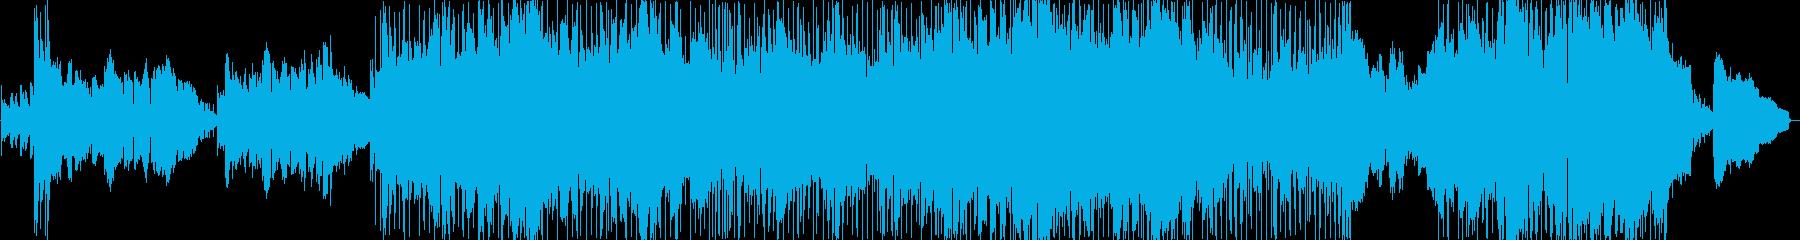 キラキラした印象の明るいバラード2の再生済みの波形